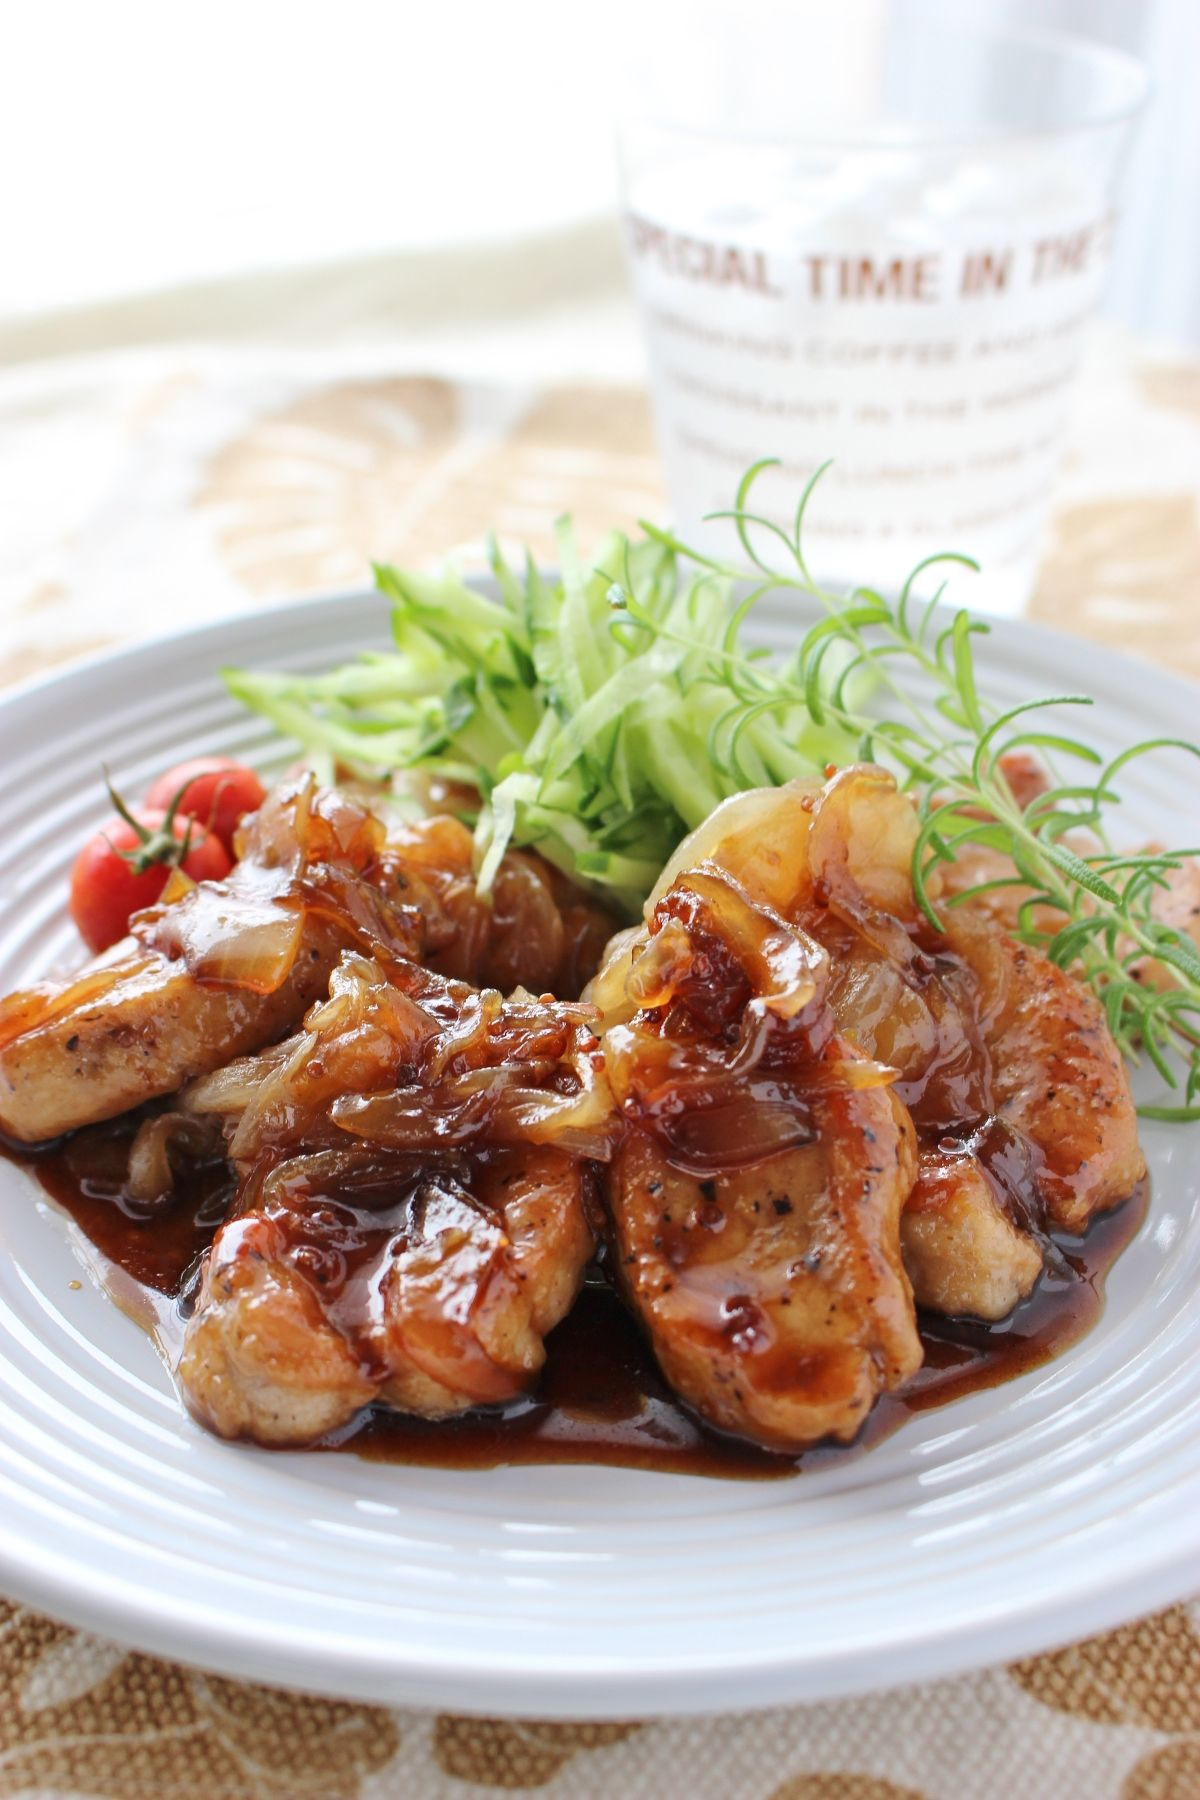 ヒレ 肉 レシピ 豚